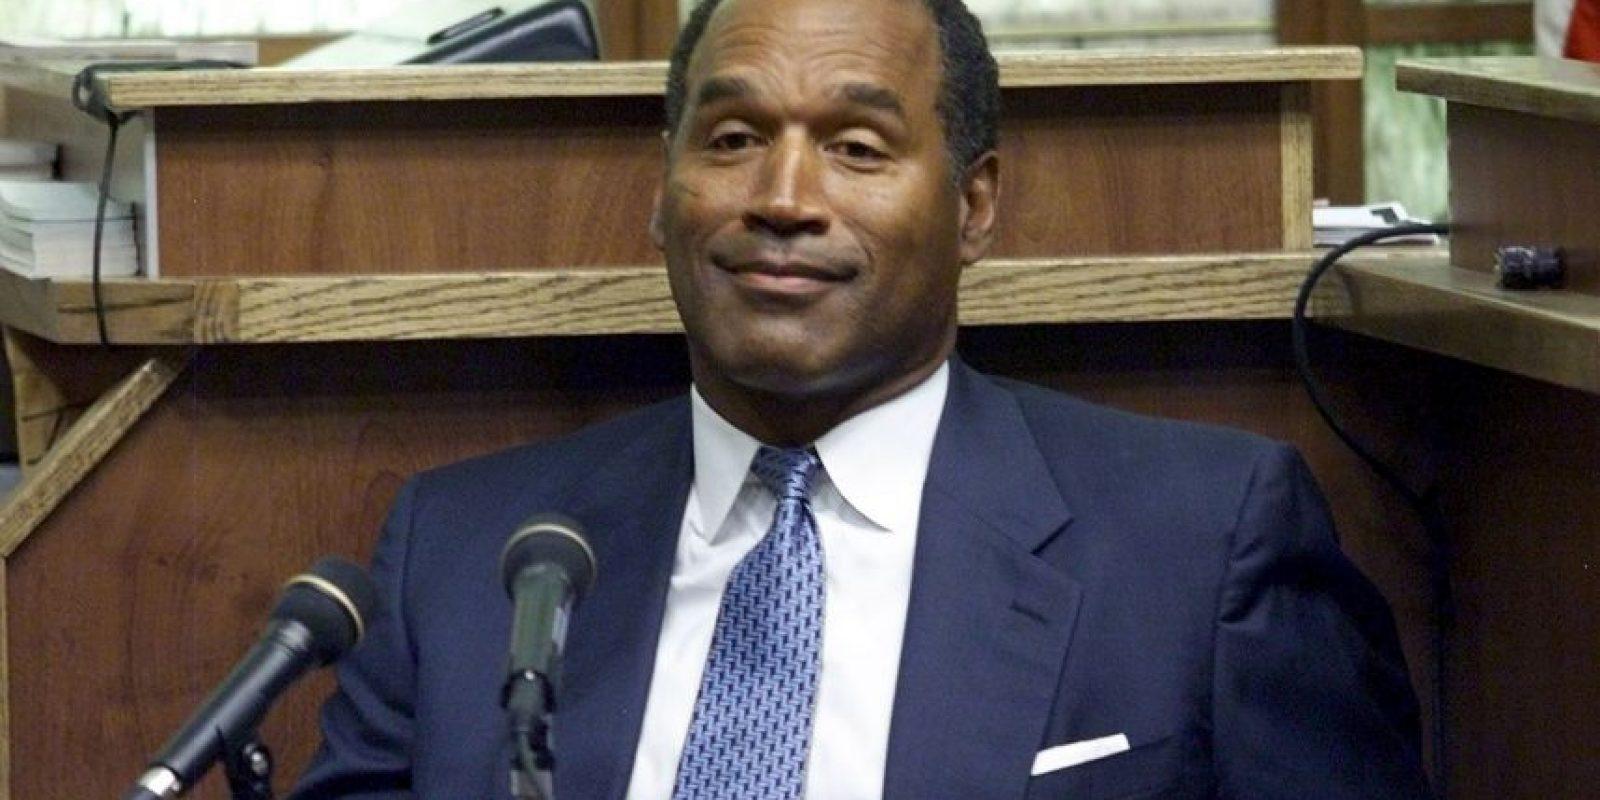 """Getty Images Foto:O. J. Simpson: El ex jugador de los Bufalo Bills de la NFL fue acusado de asesinar a su ex esposa Nicole Brown y su amigo Ronald Goldman. En 1995, se le declaró """"no culpable, pero dos años después una Corte de California encontró a Simpson responsable de los asesinatos."""